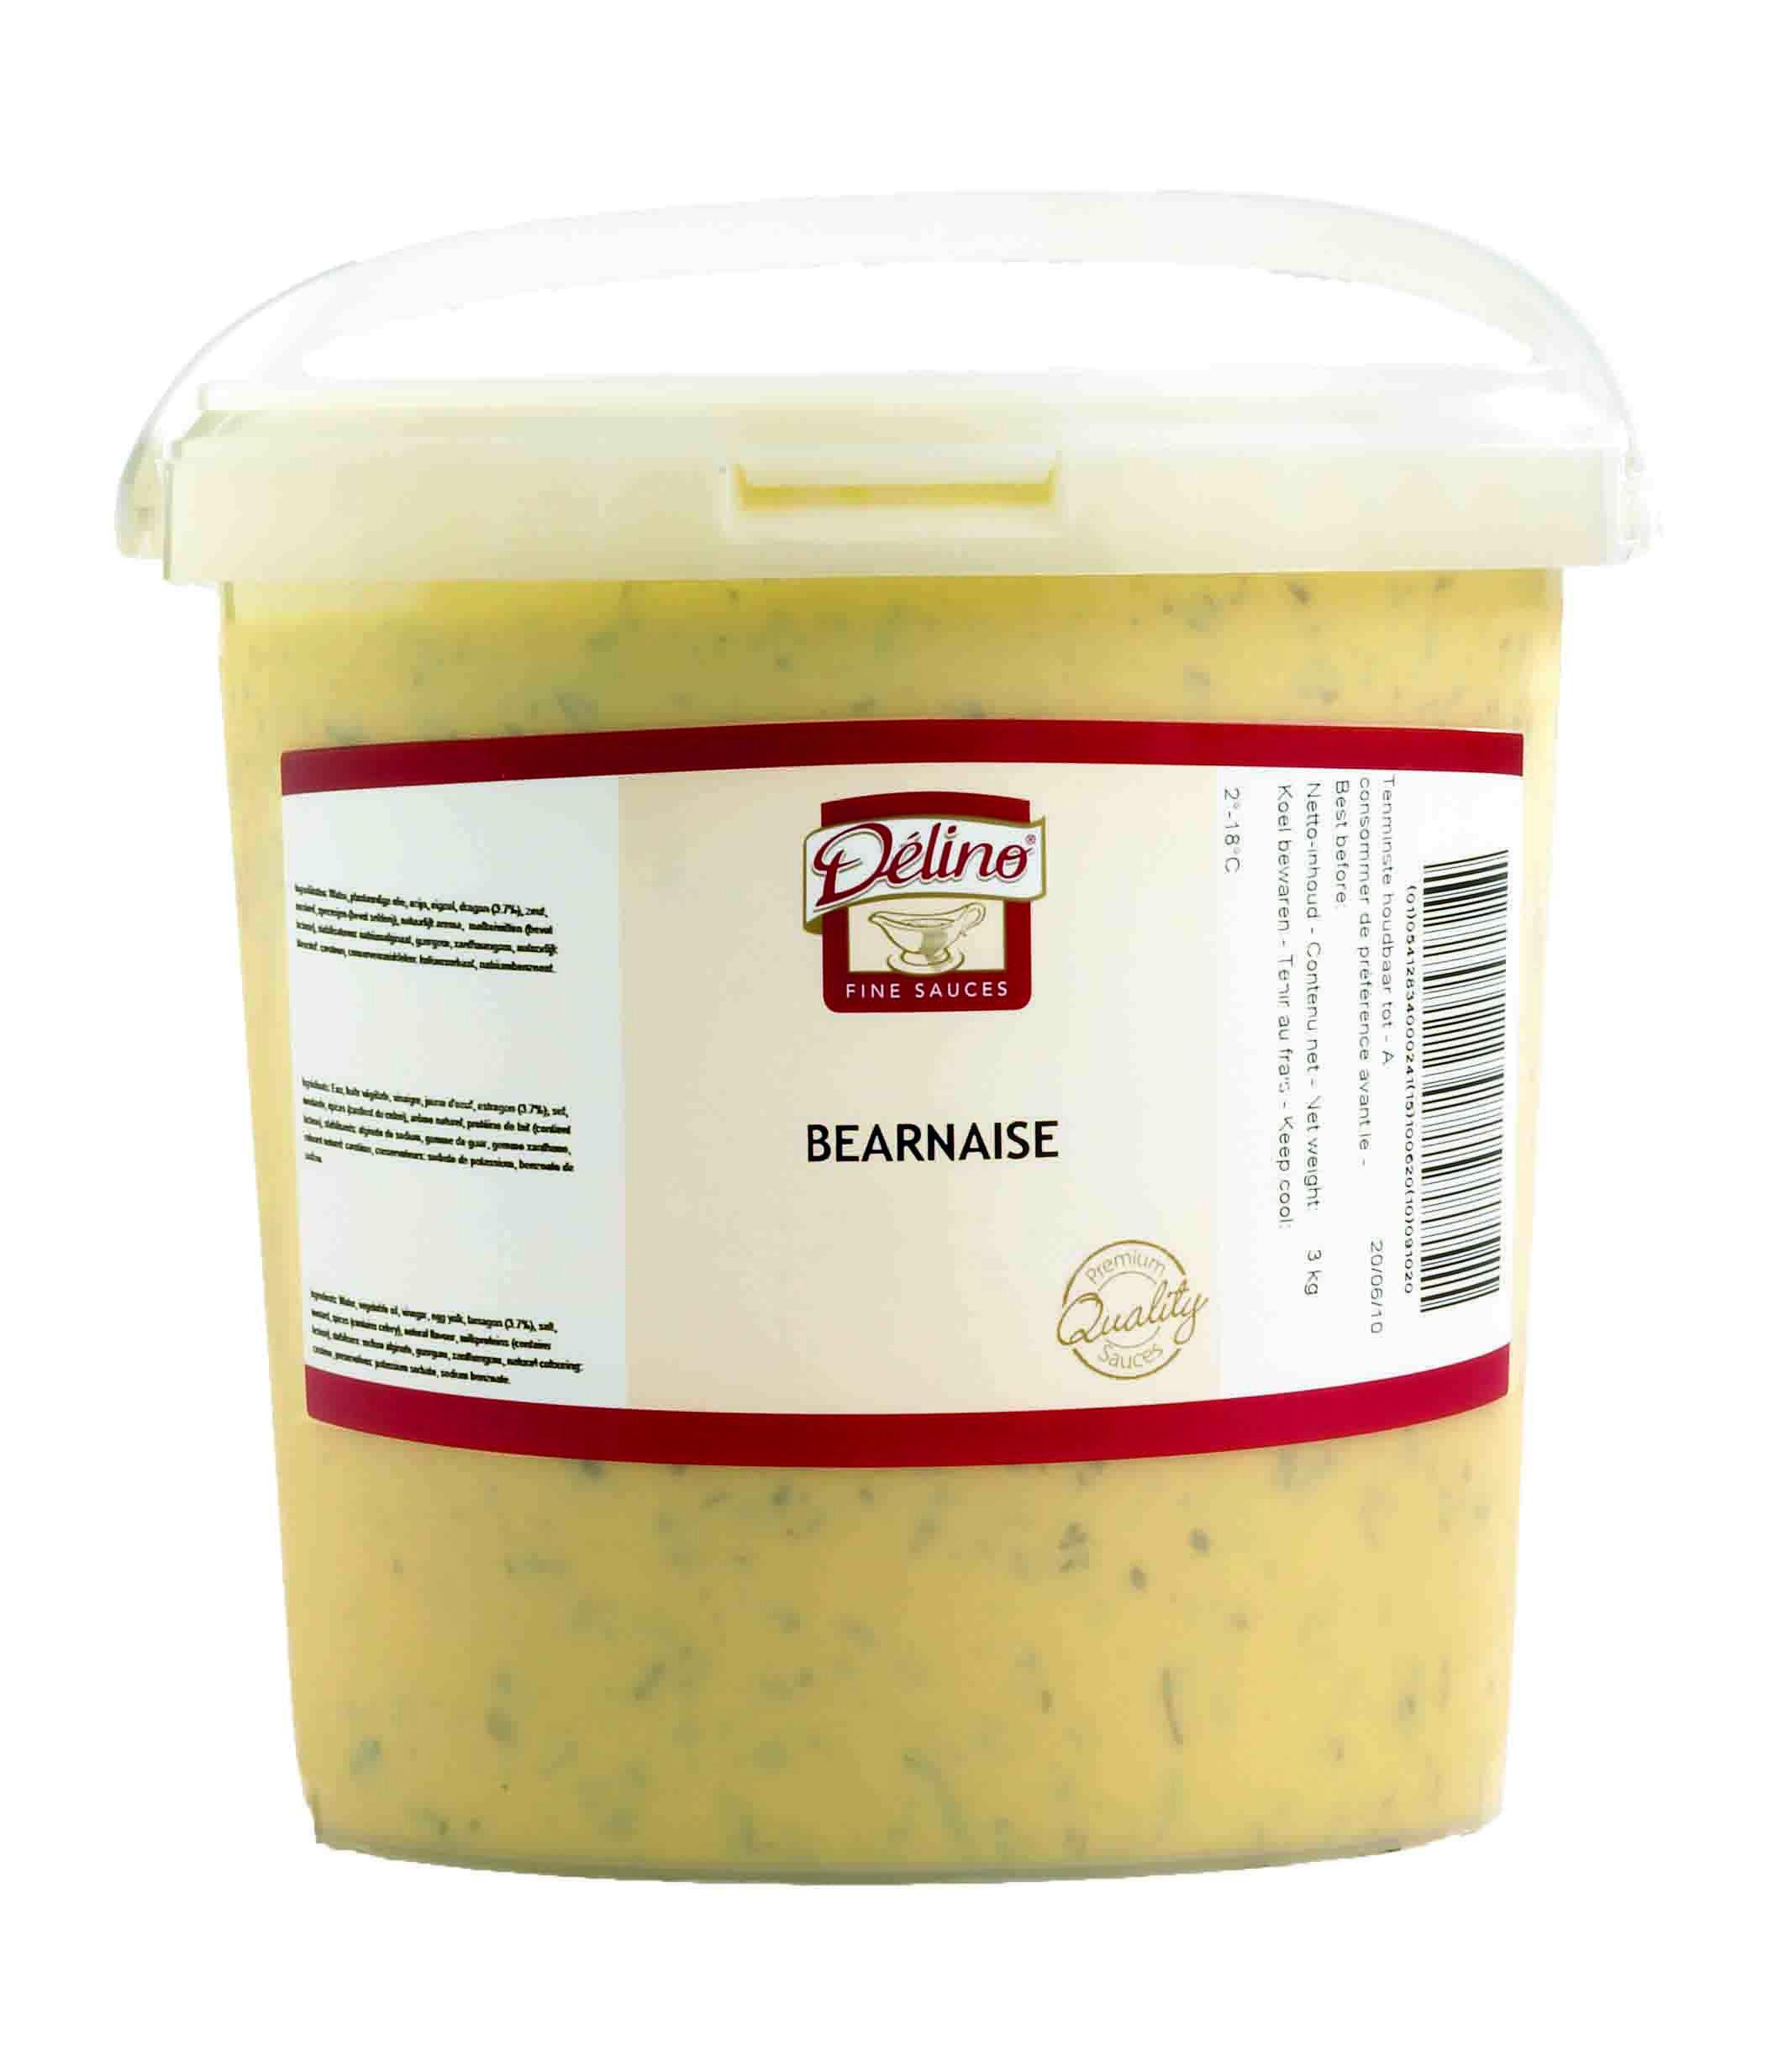 Delino bearnaise sauce 3kg